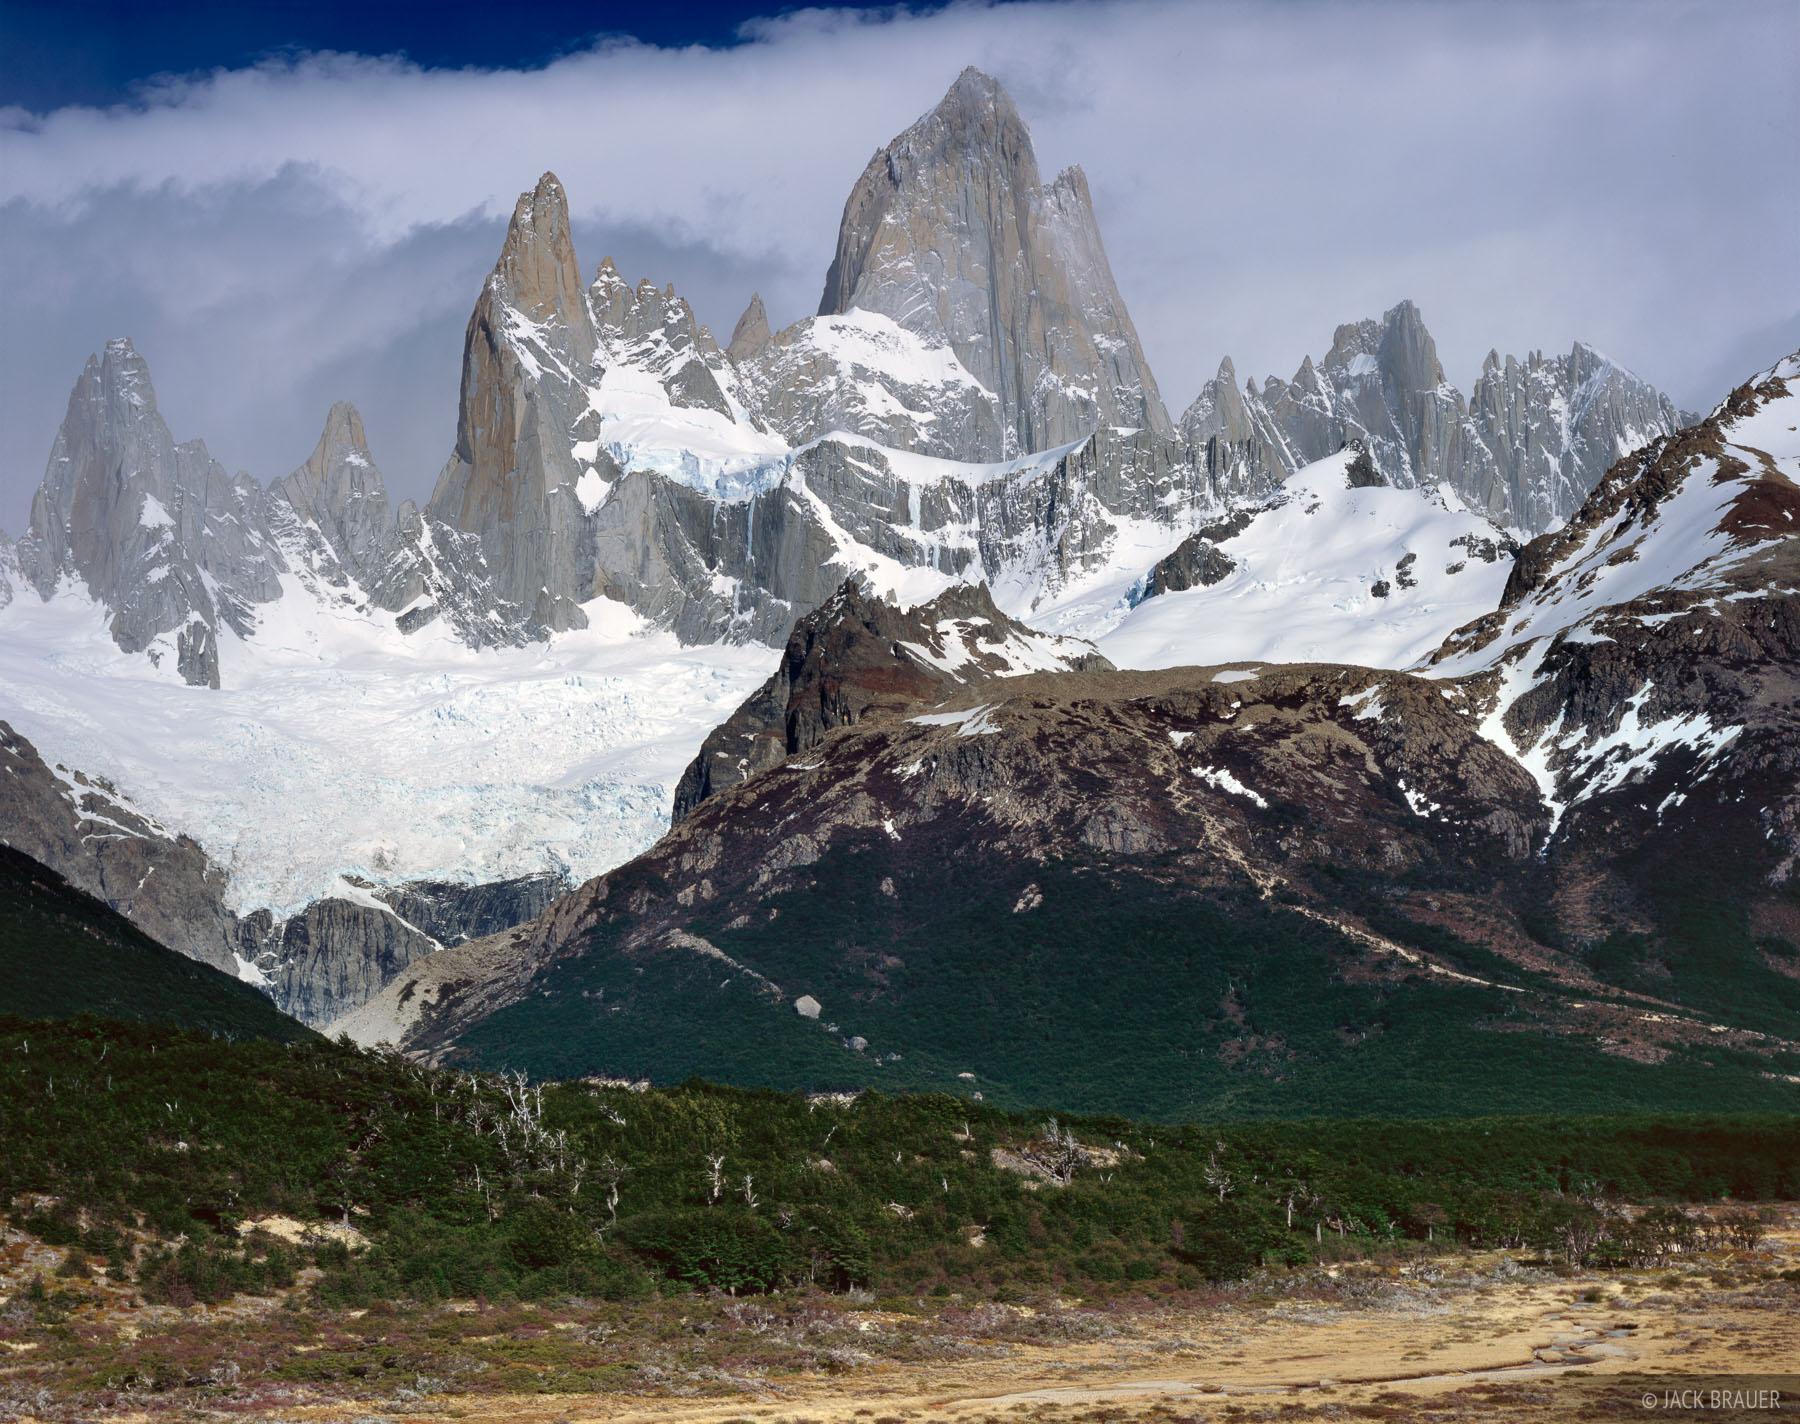 Patagonia South America >> Monte Fitz Roy | Patagonia, Argentina | Mountain ...